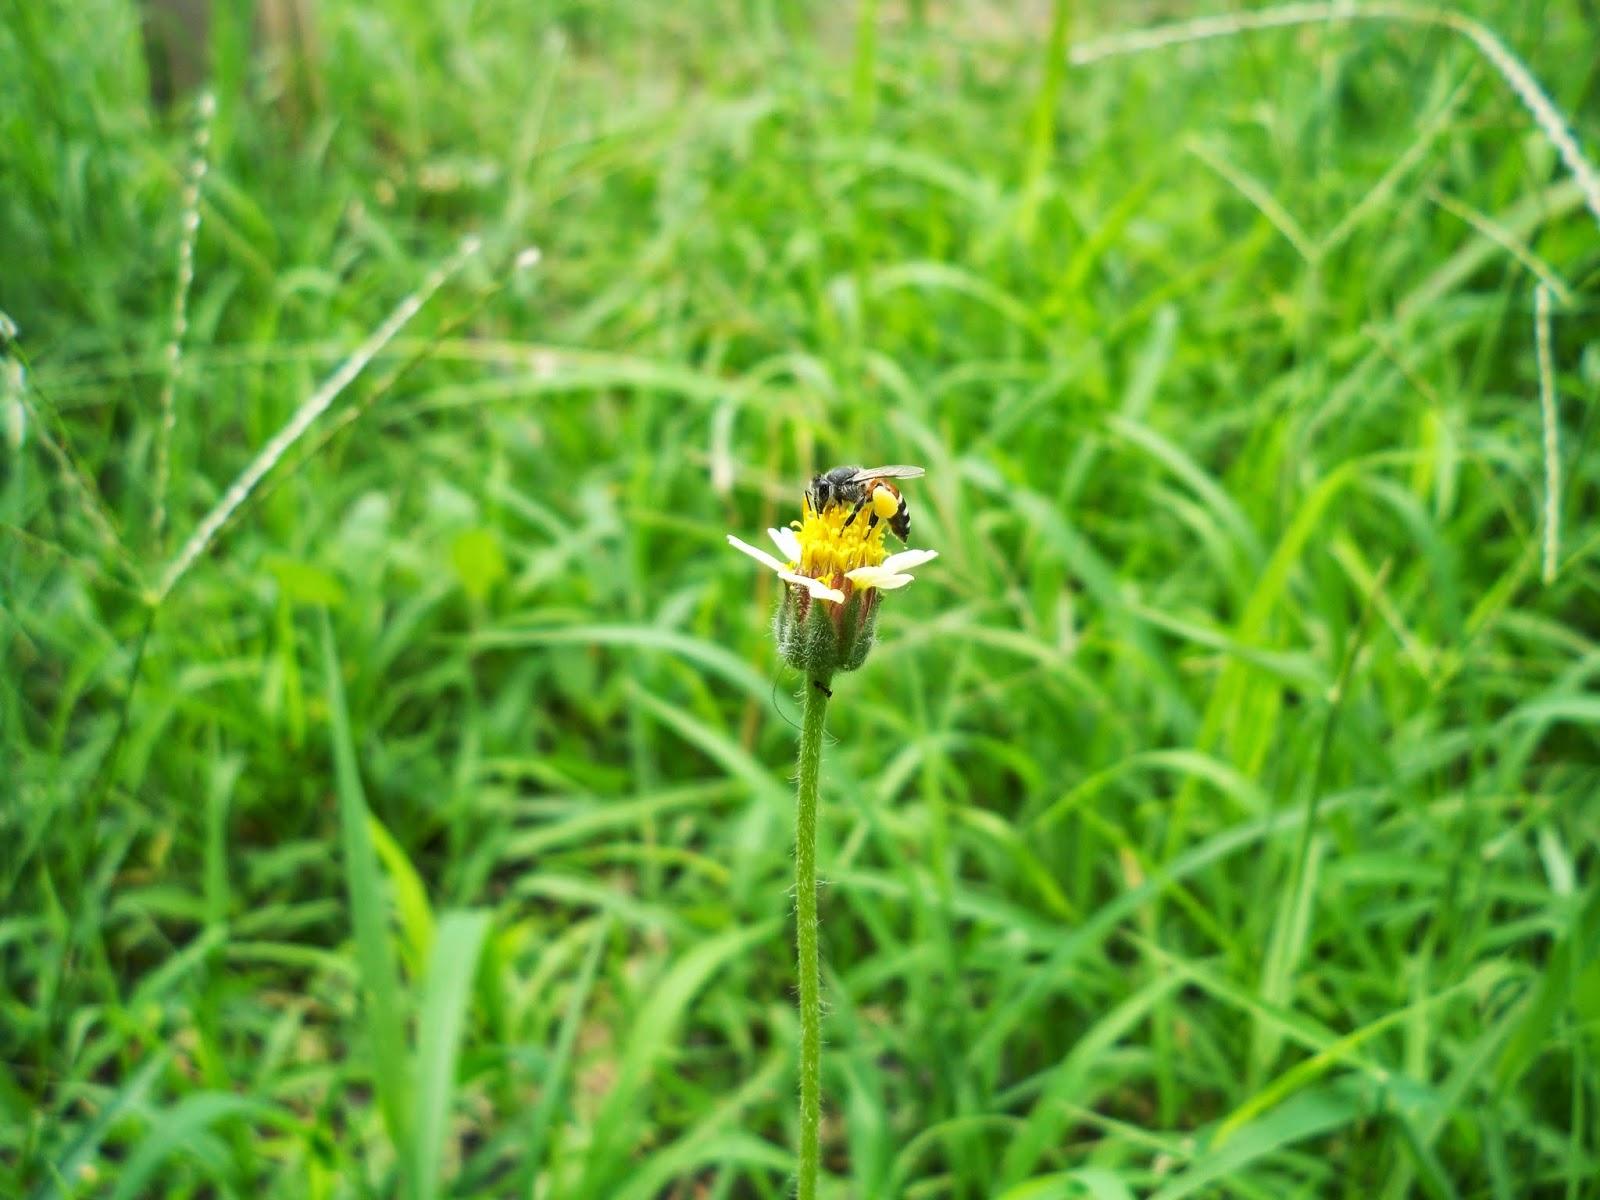 ต้นตีนตุ๊กแก(Coatbuttons, Mexican daisy) กับผึ้ง